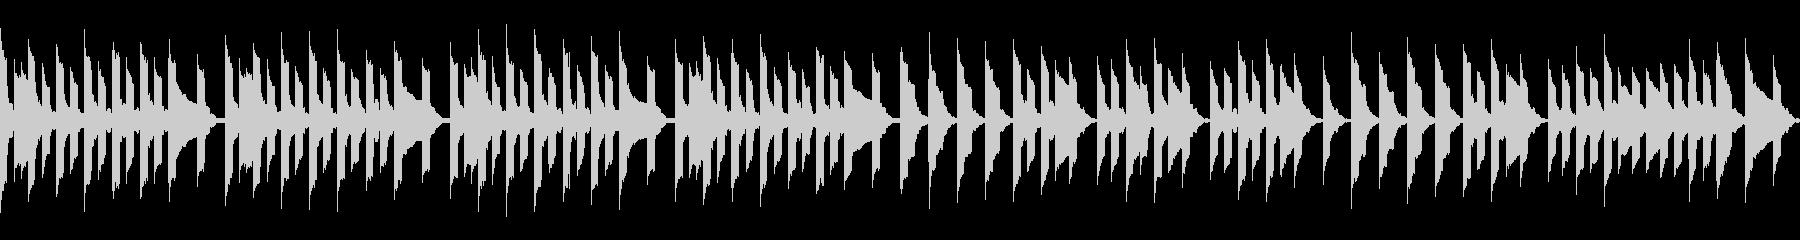 マップ画面・ロボット部屋・ループシンセの未再生の波形